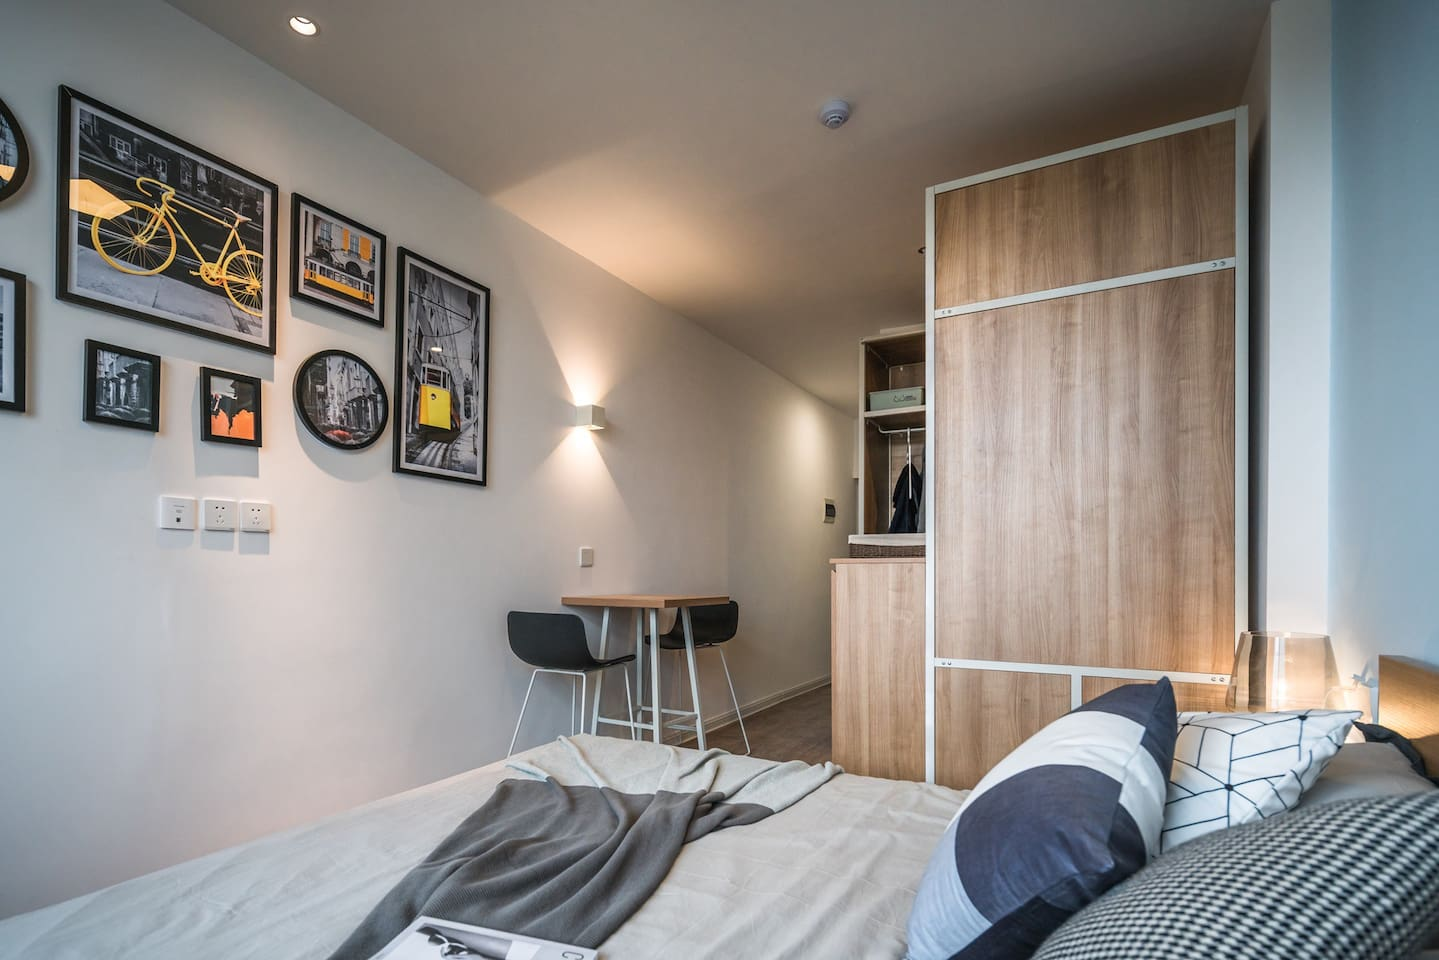 房源为单独的公寓,简约的北欧装饰风格。